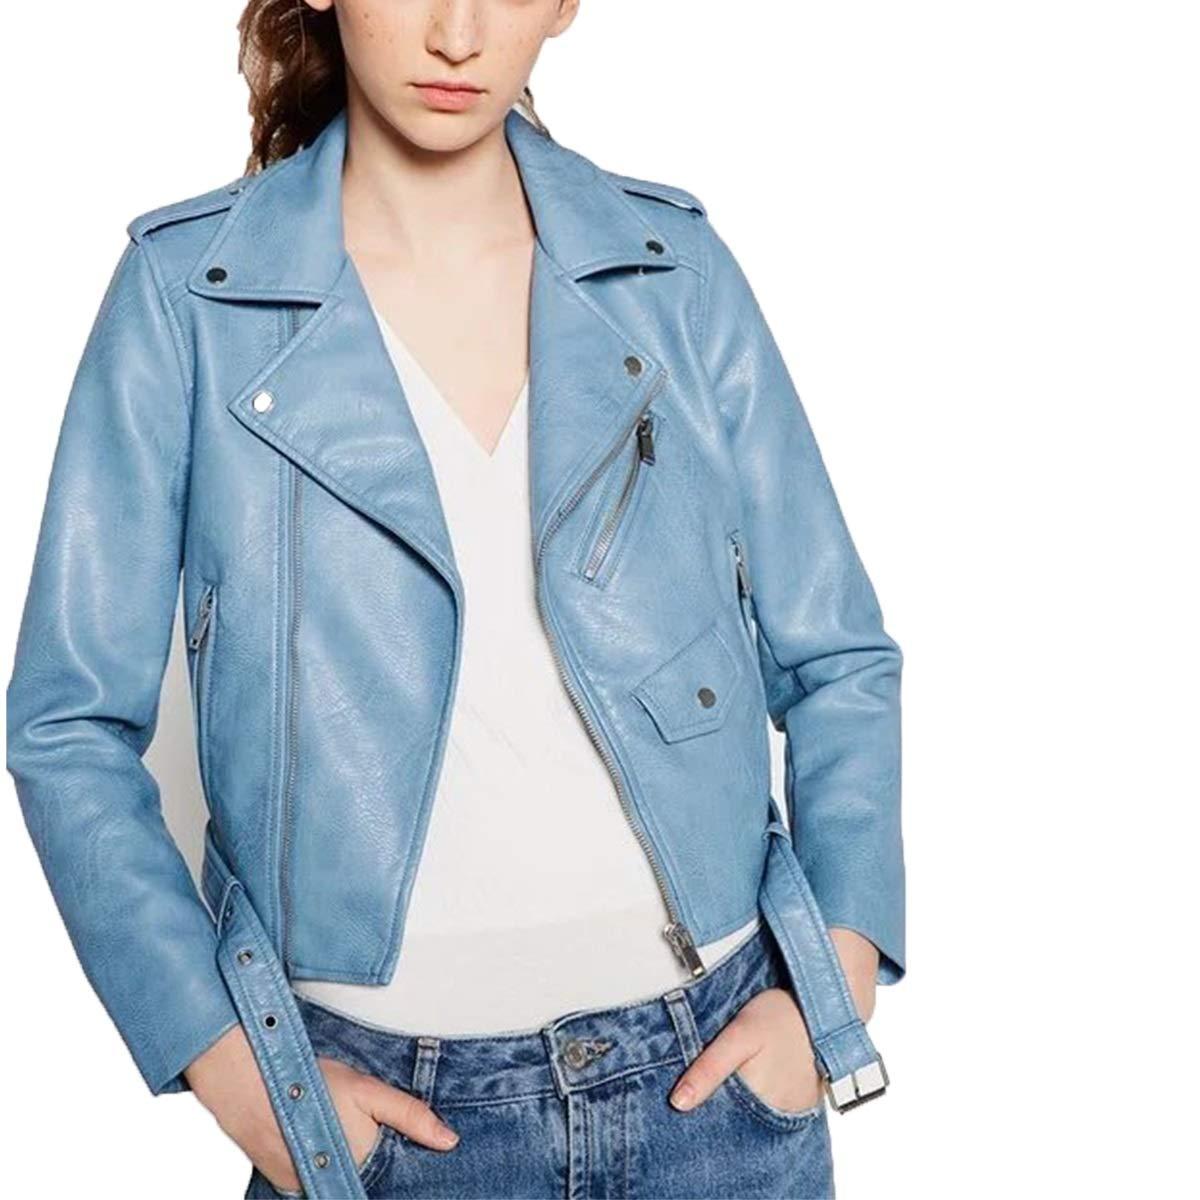 bluee PU Leather Biker Motorcycle Jacket Women Long Sleeve Zipper Coat With Belt